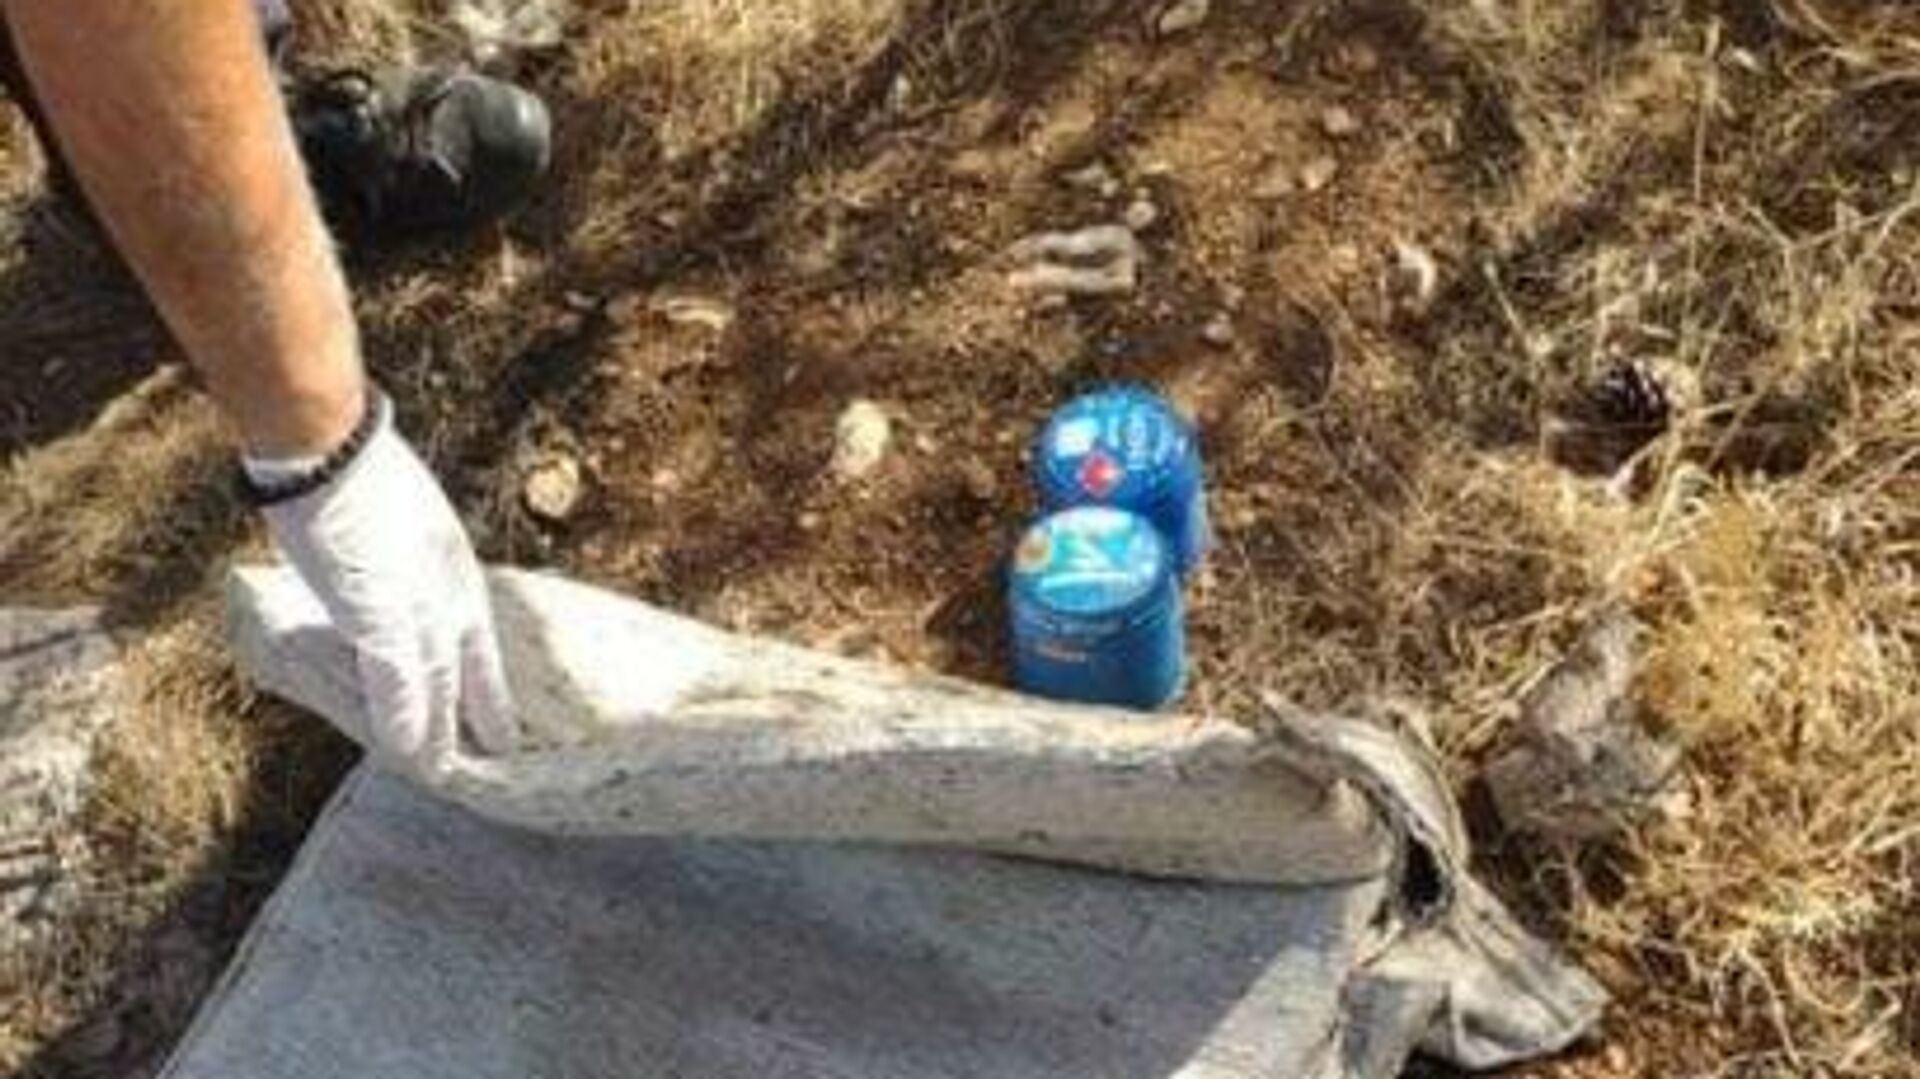 Βρέθηκαν γκαζάκια στο δασάκι της Αργυρούπολης - Sputnik Ελλάδα, 1920, 14.08.2021